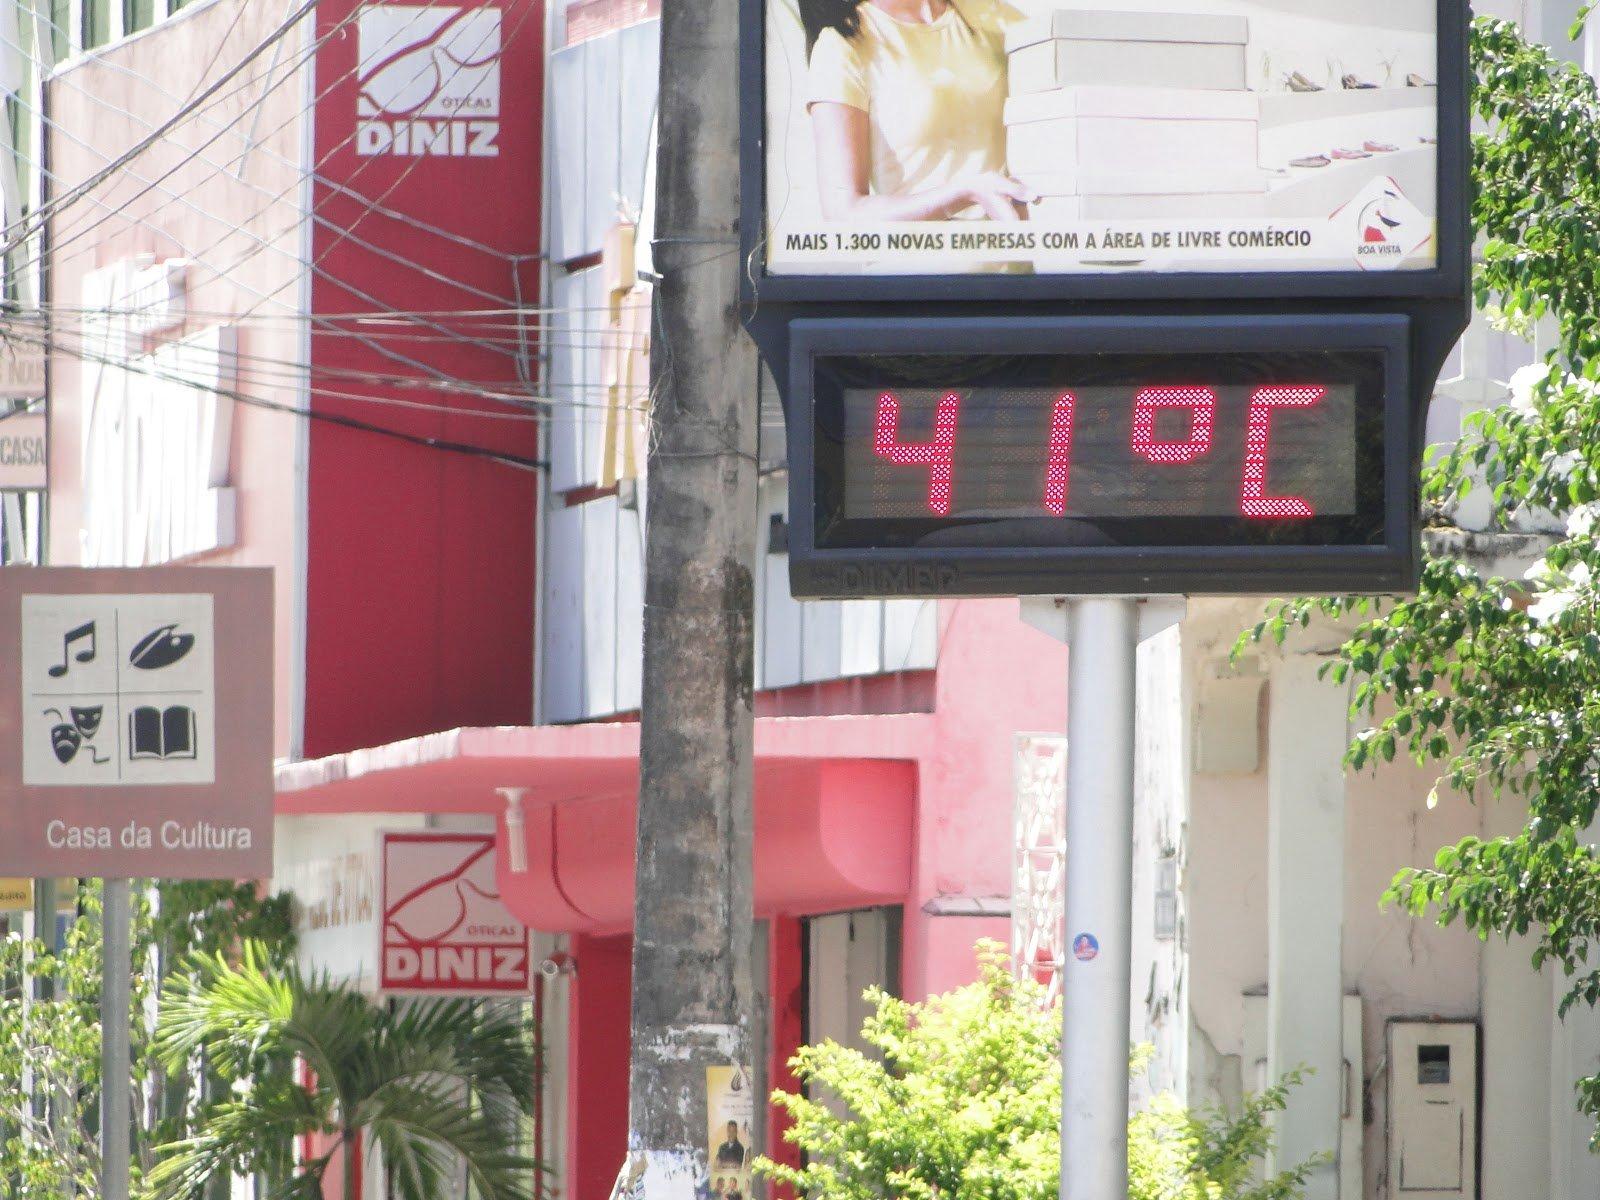 dsc04505.jpg?resize=636,358 - Ondas letais de calor devem castigar a Terra até 2100